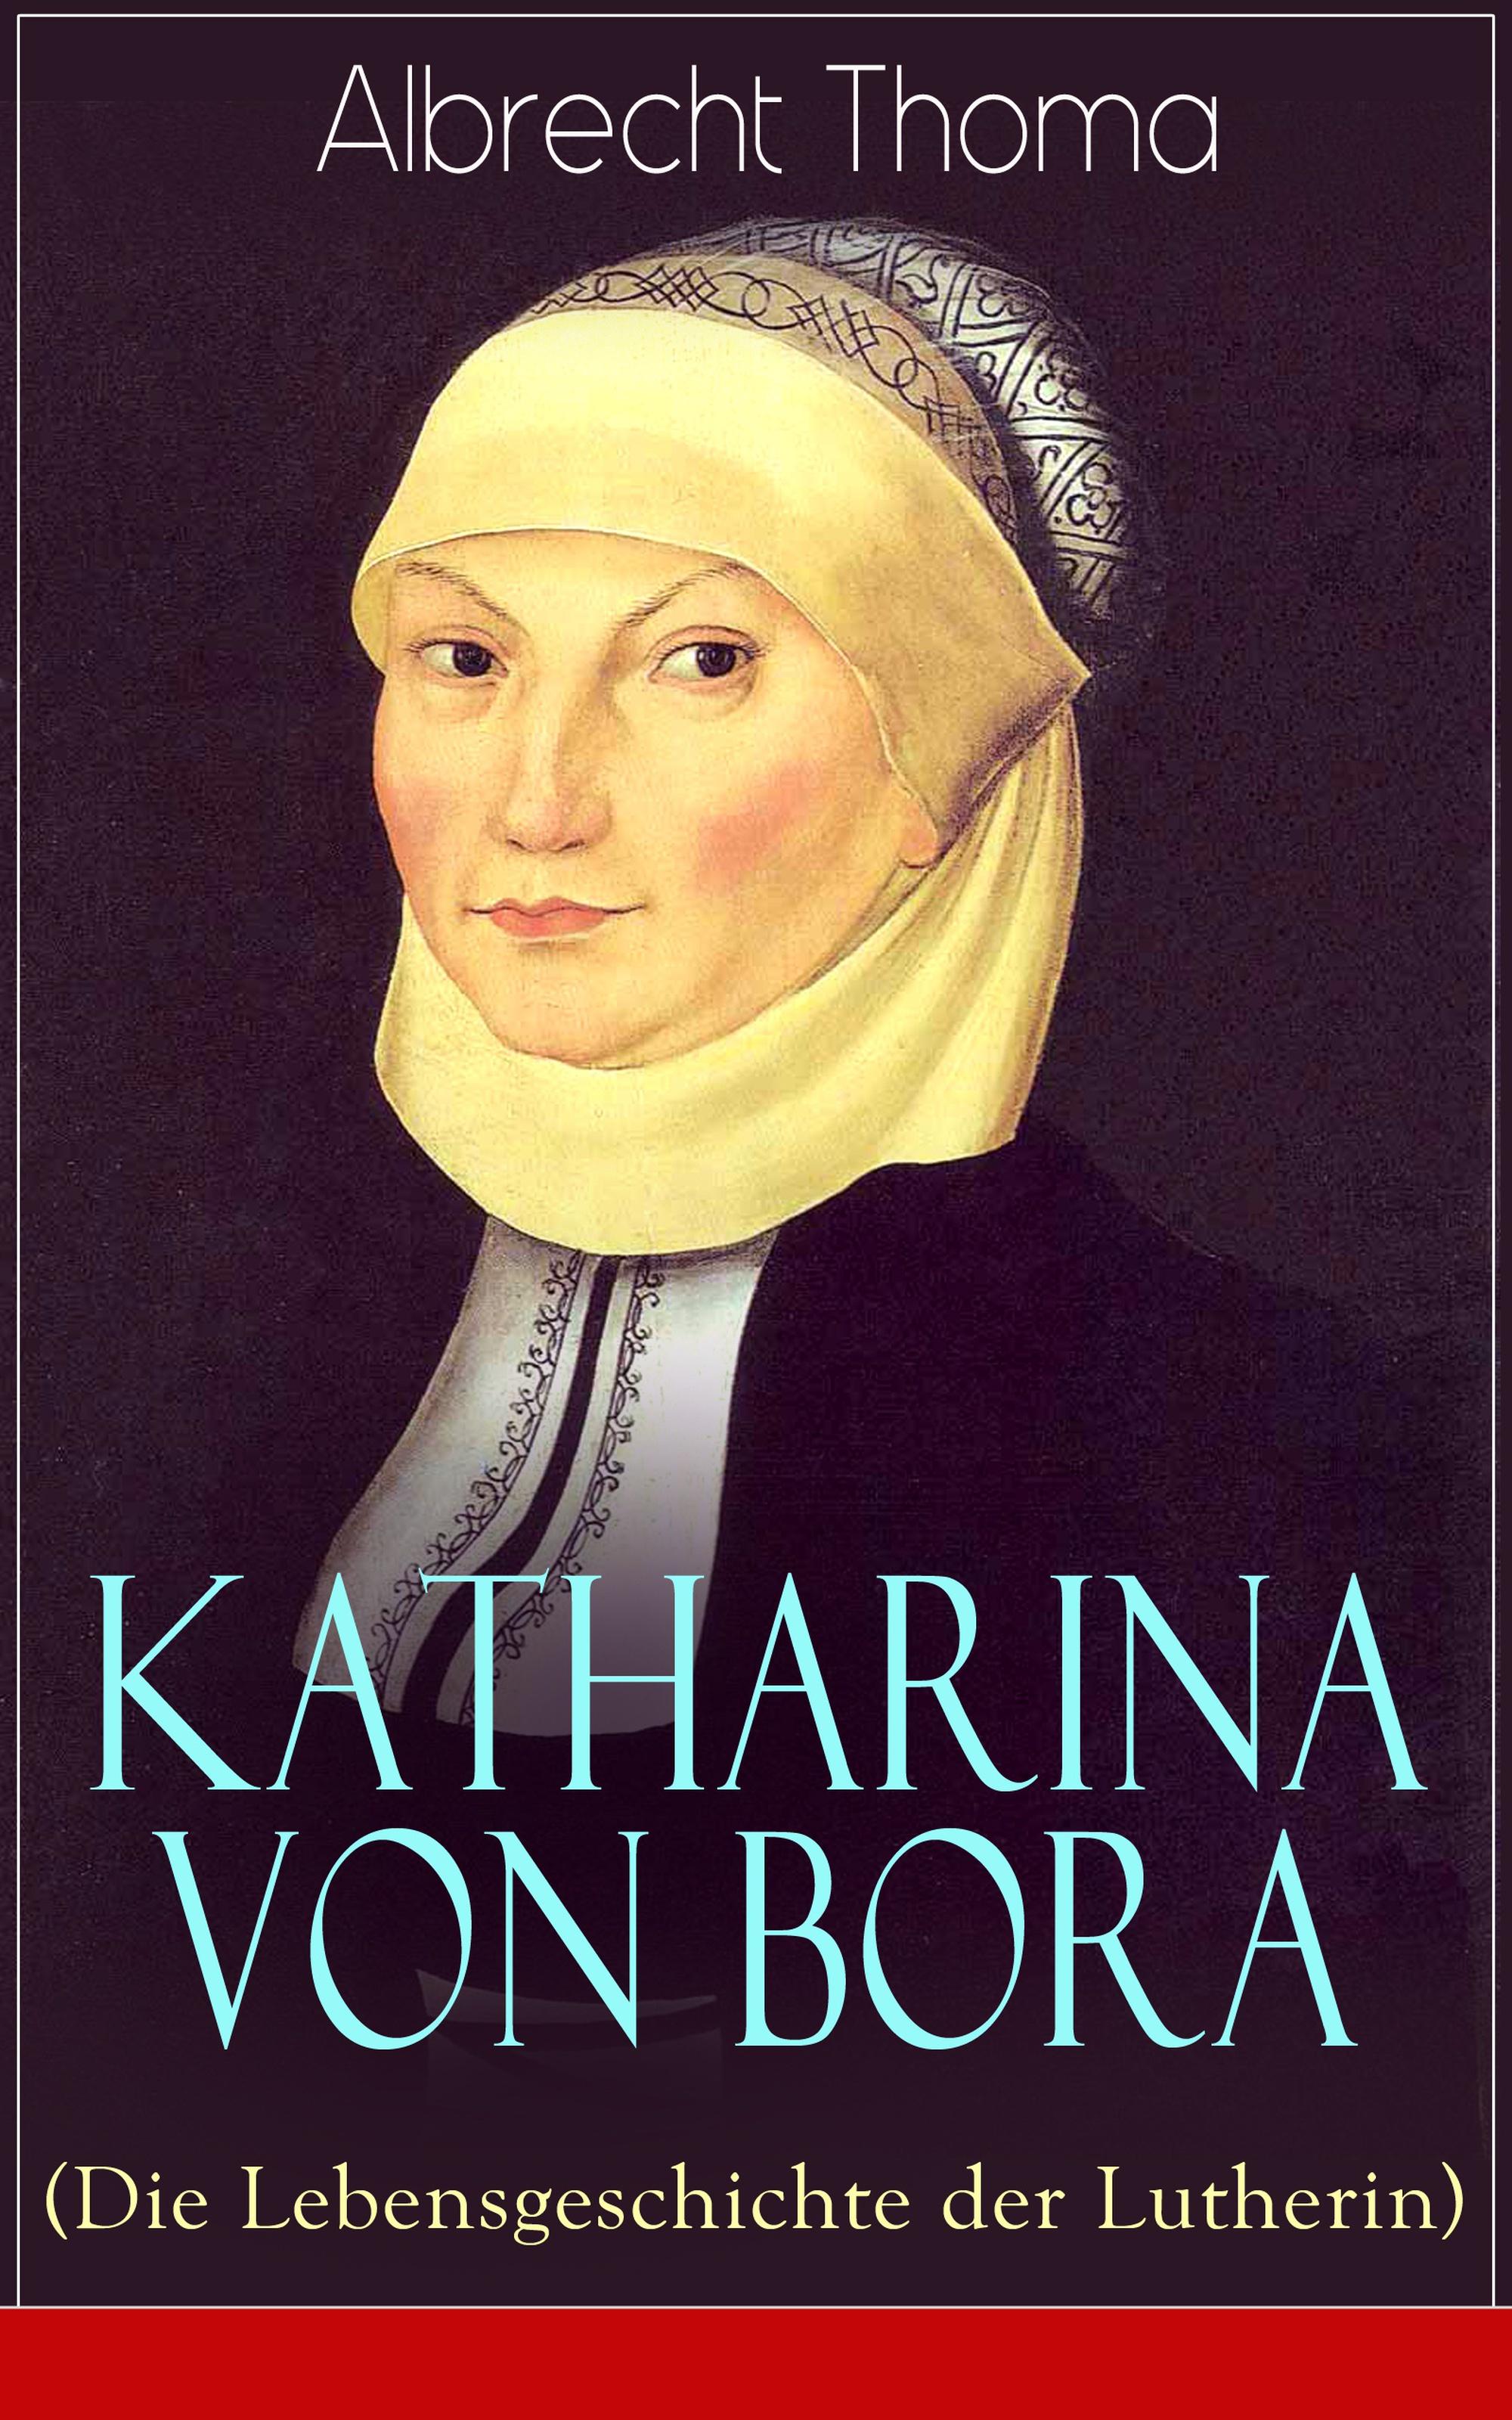 Albrecht Thoma Katharina von Bora (Die Lebensgeschichte der Lutherin) a durer albrecht durers unterweisung der messung